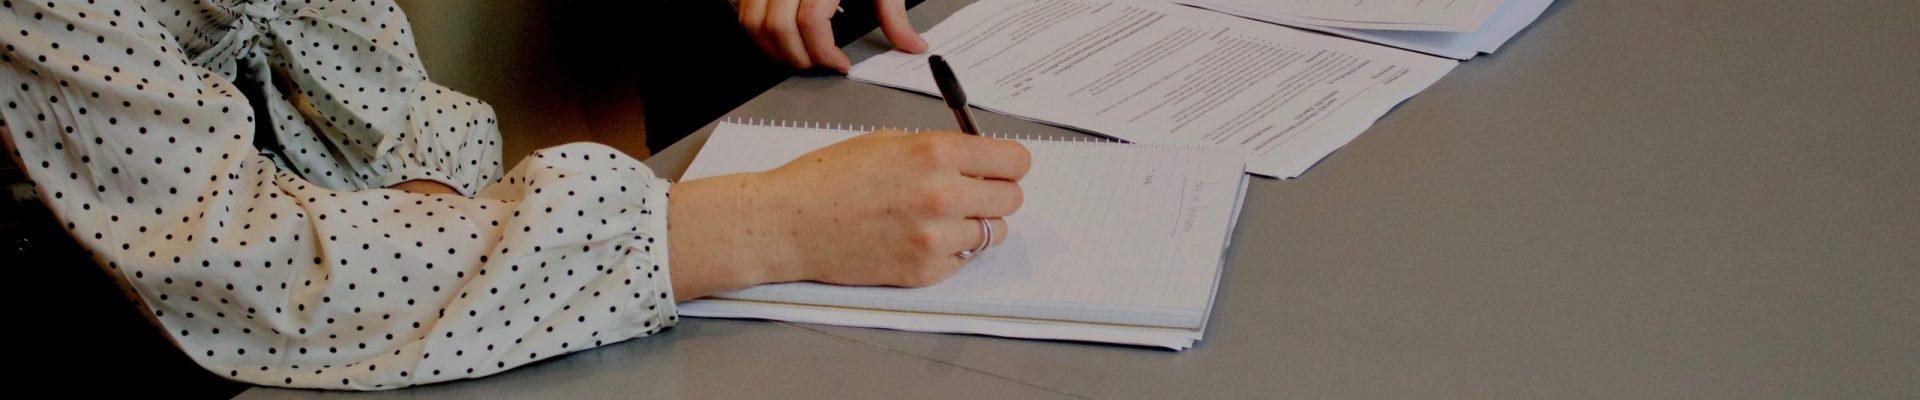 exportar documentos com o drive fx